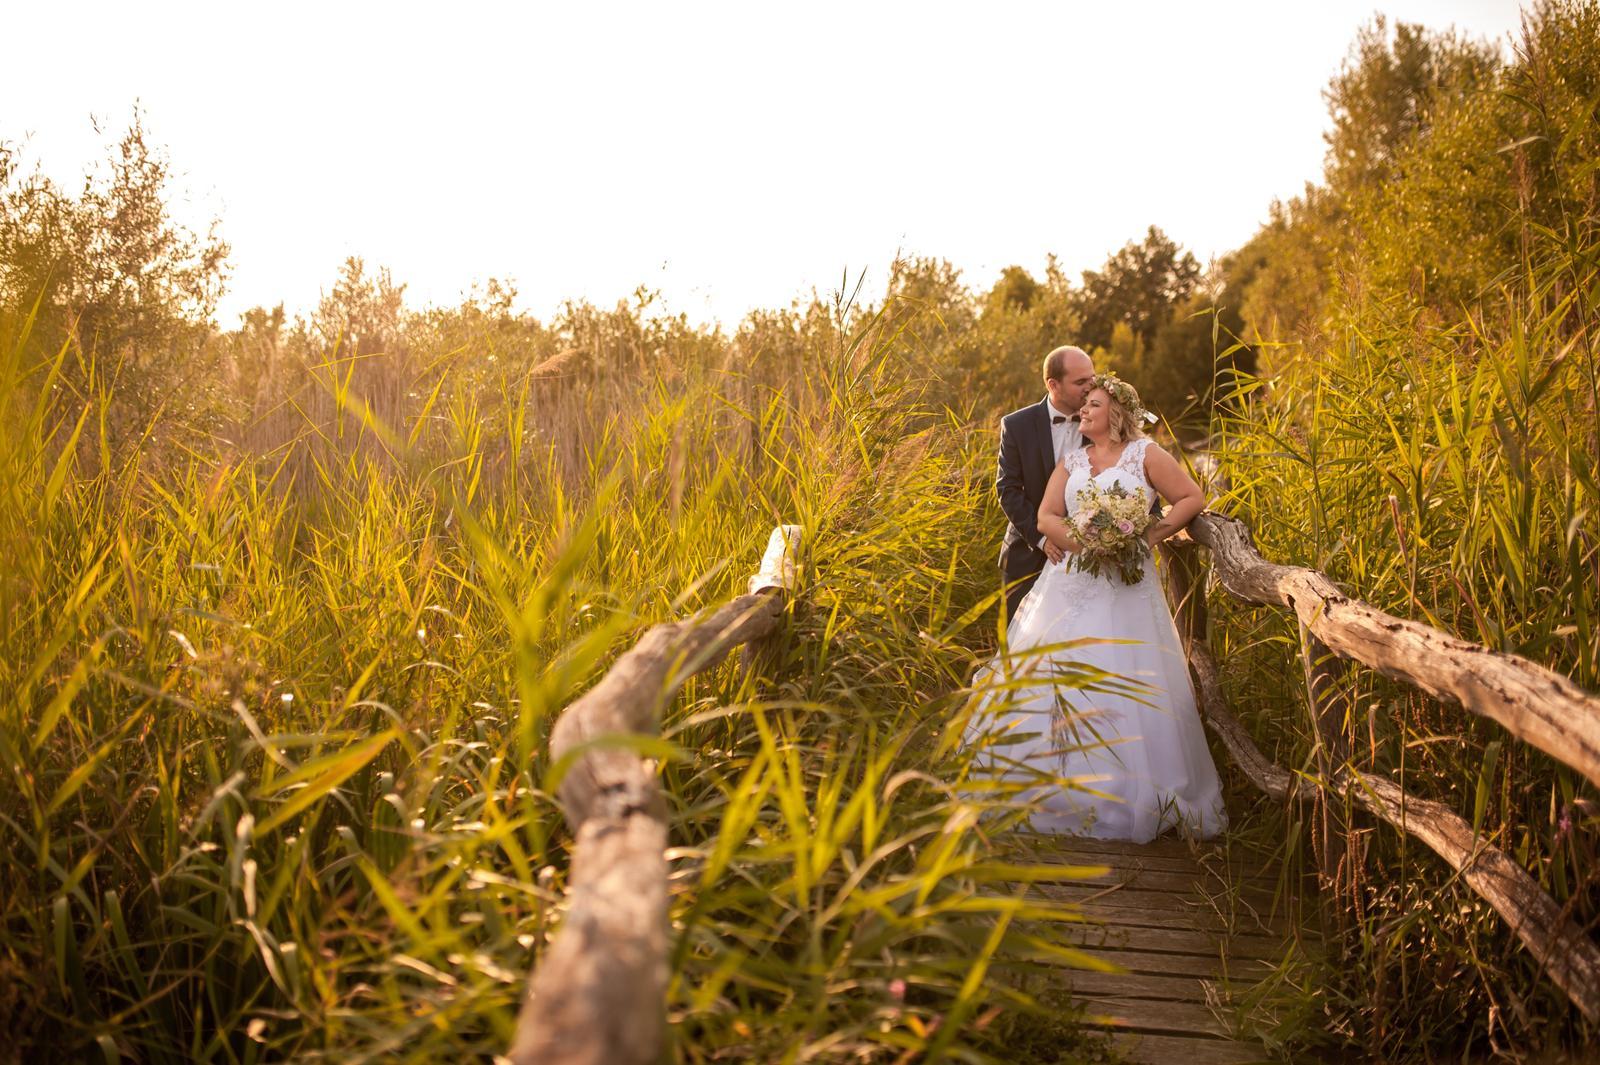 Wedding ♥ - Obrázek č. 98